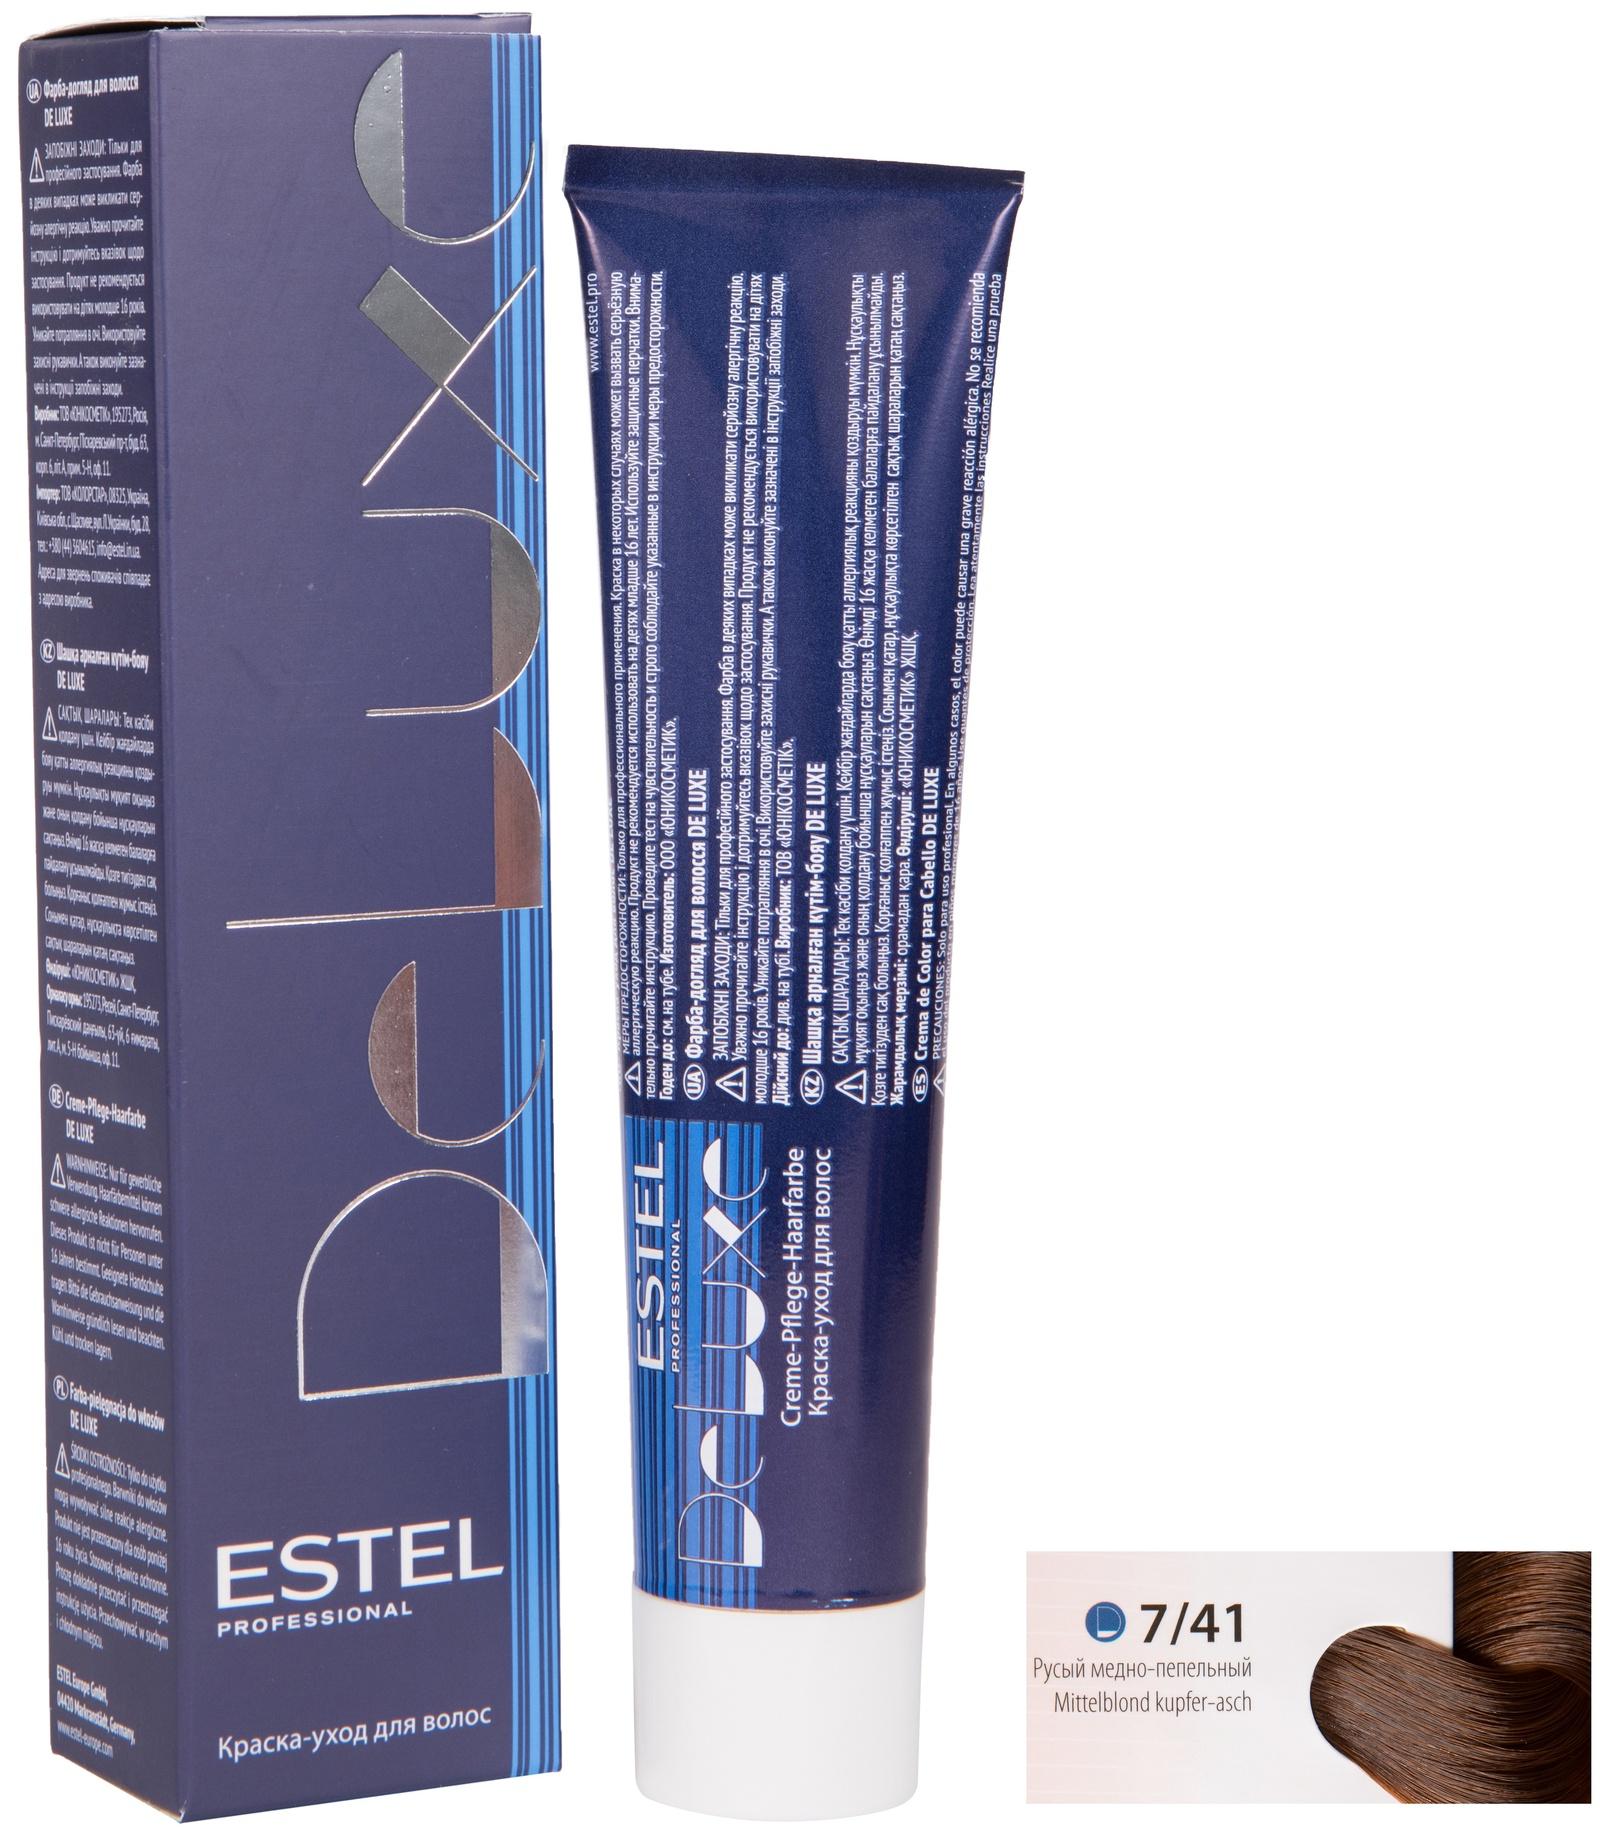 Краска для волос ESTEL PROFESSIONAL 7/41 DE LUXE краска-уход для окрашивания волос, русый медно-пепельный 60 мл